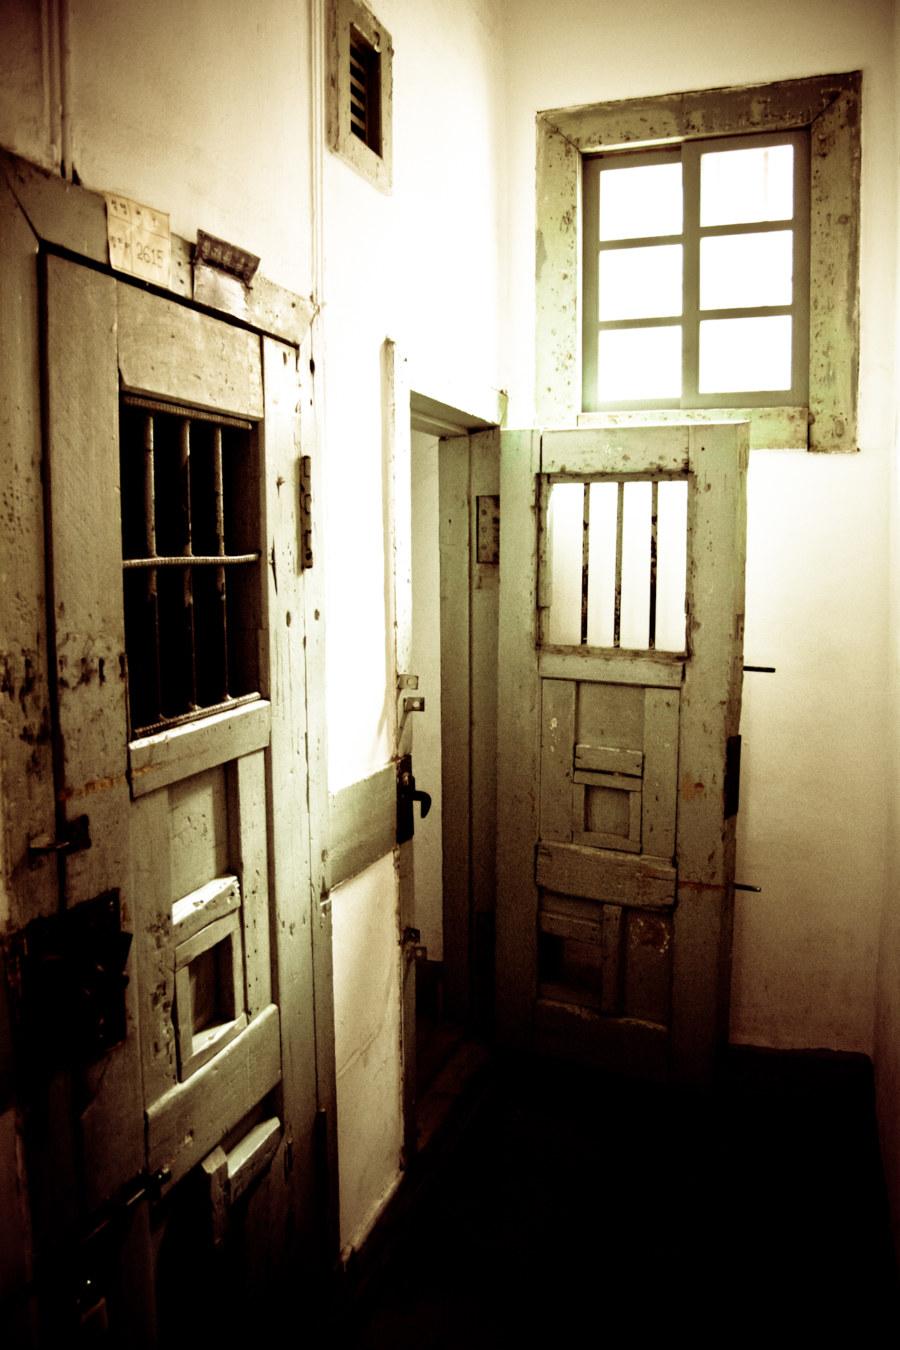 Seodaemun Prison Cells